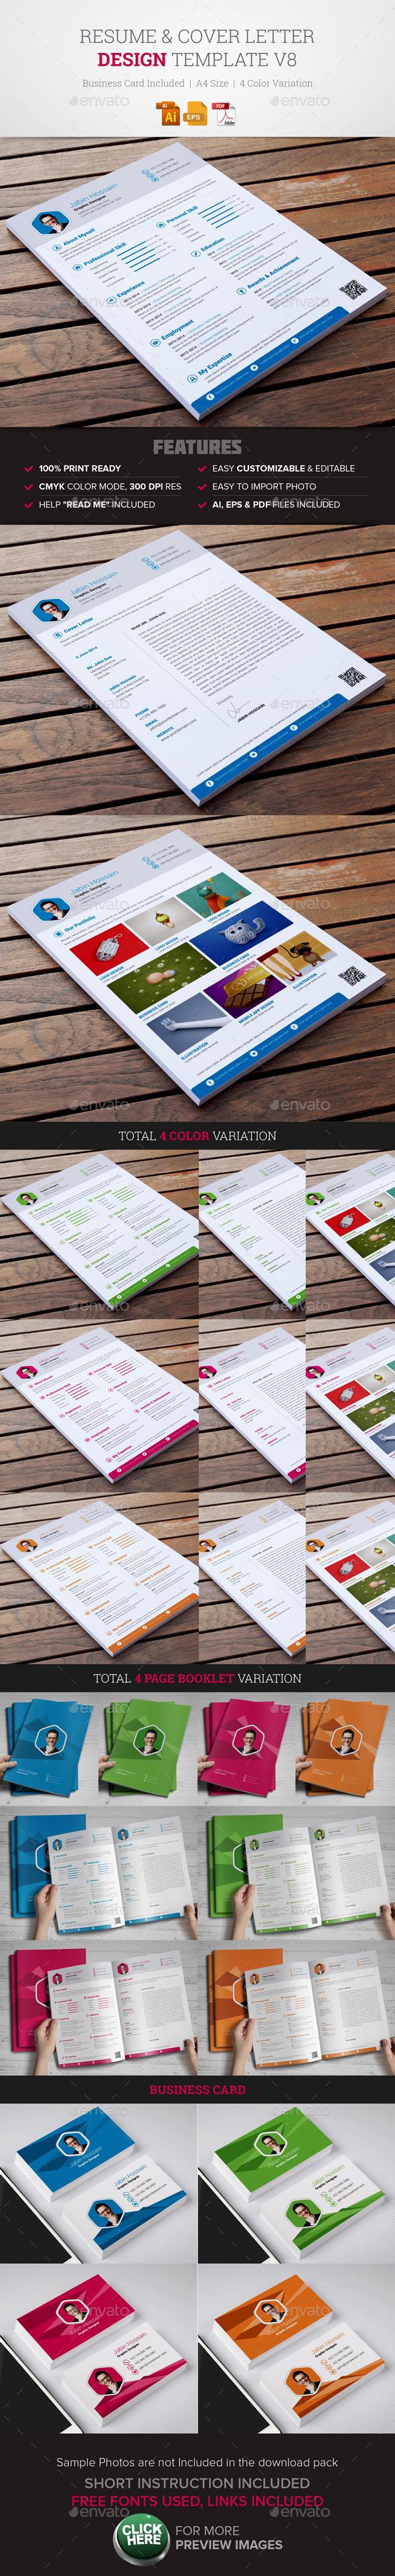 Resume & Cover Letter Template v8